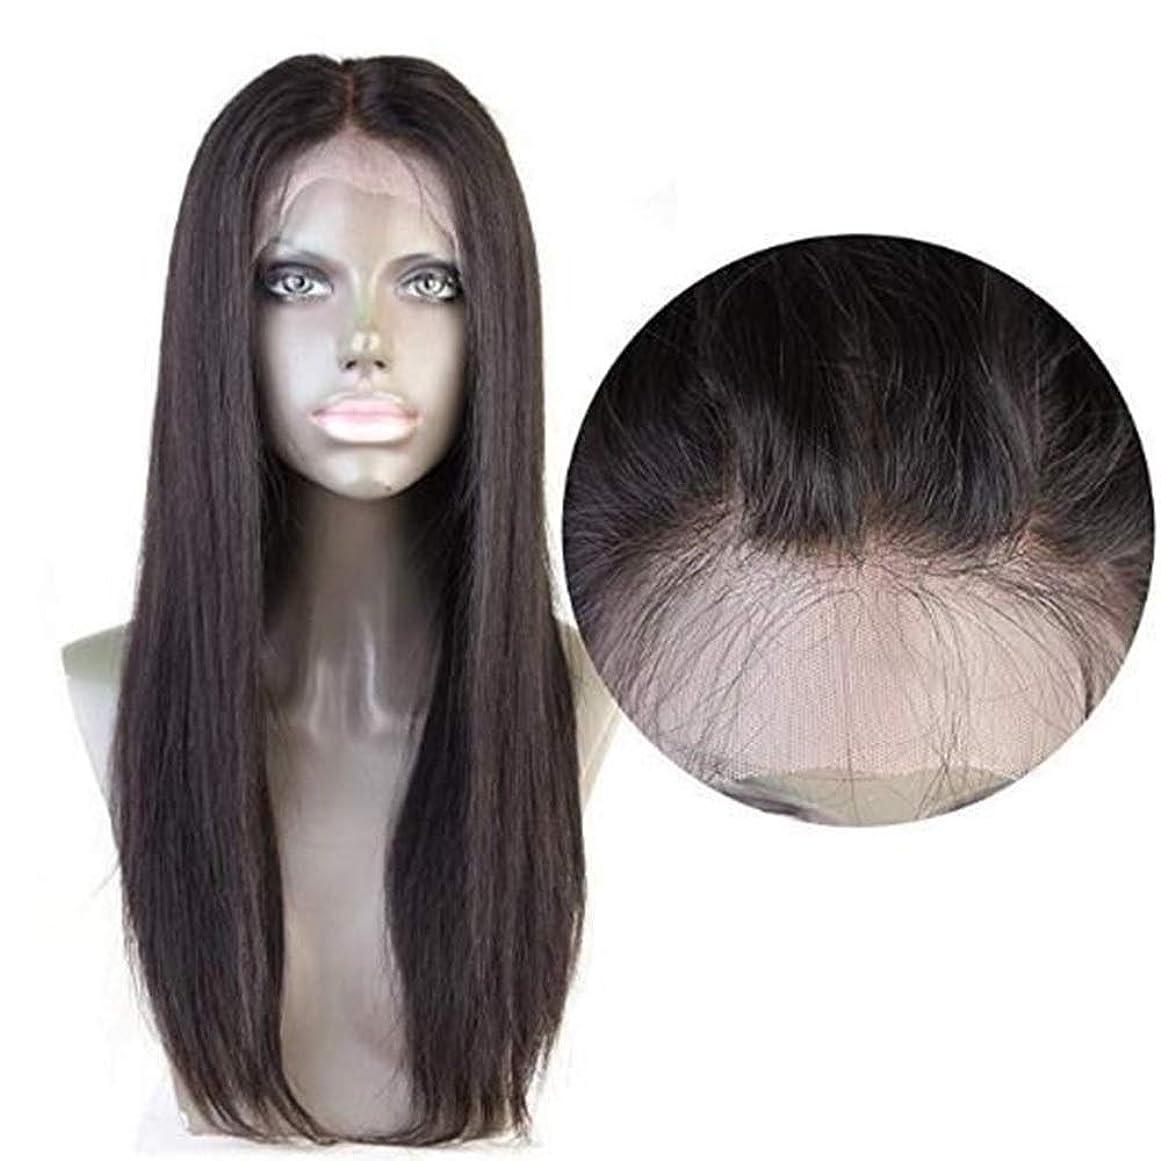 司法ファンシーグレートオークHOHYLLYA 360レース前頭閉鎖ブラジルストレートヘア360前頭ブラジルバージン人間の髪ロールプレイングかつら女性のかつら (色 : 黒, サイズ : 16 inch)